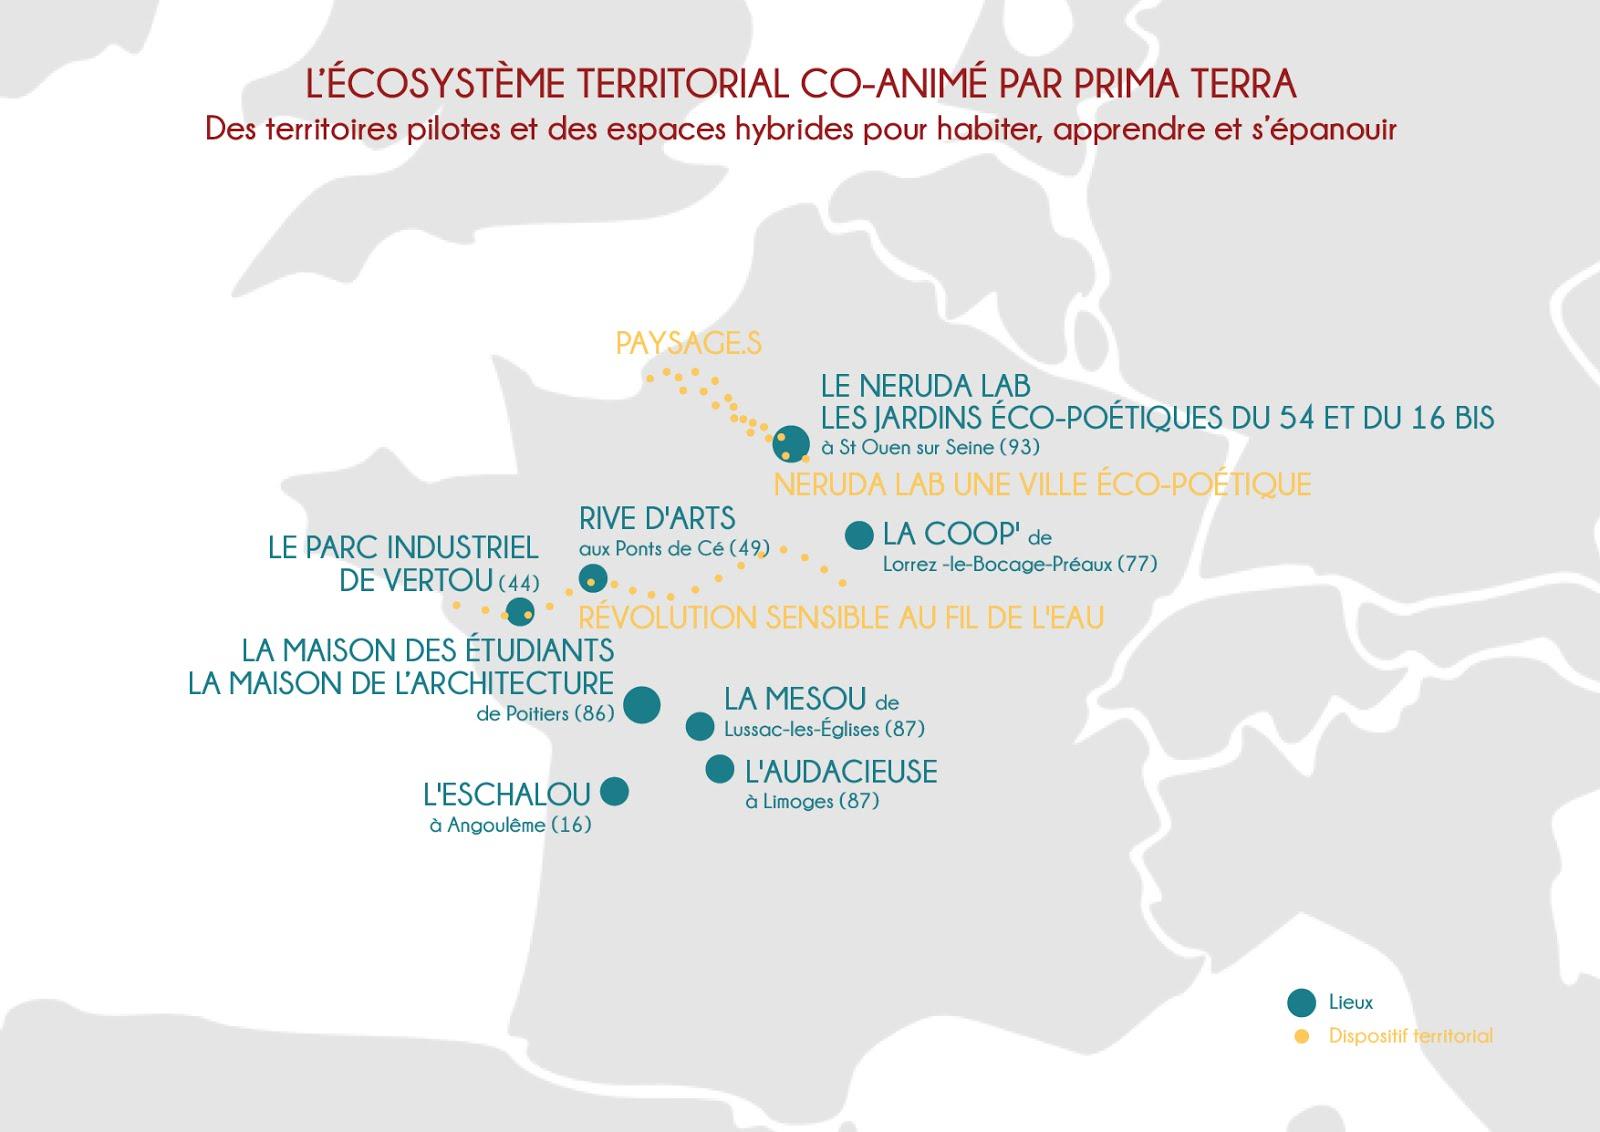 Prima Terra anime un large écosystème ...